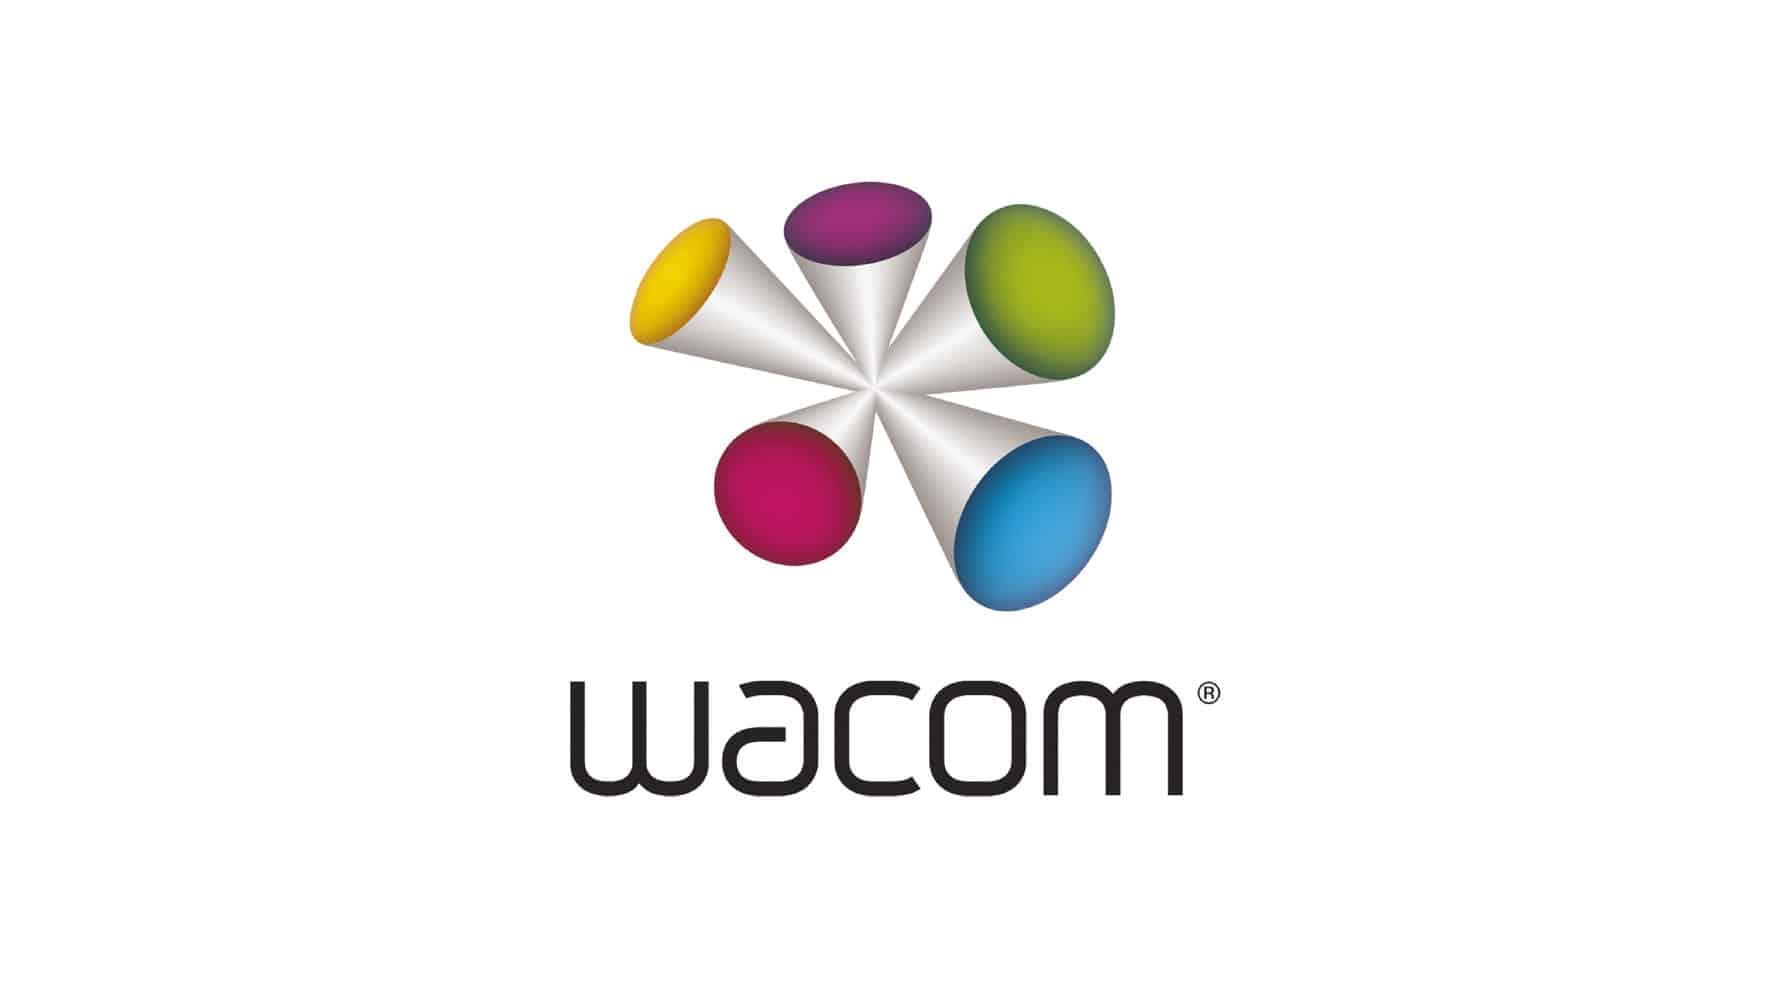 wacom_bamboo_01